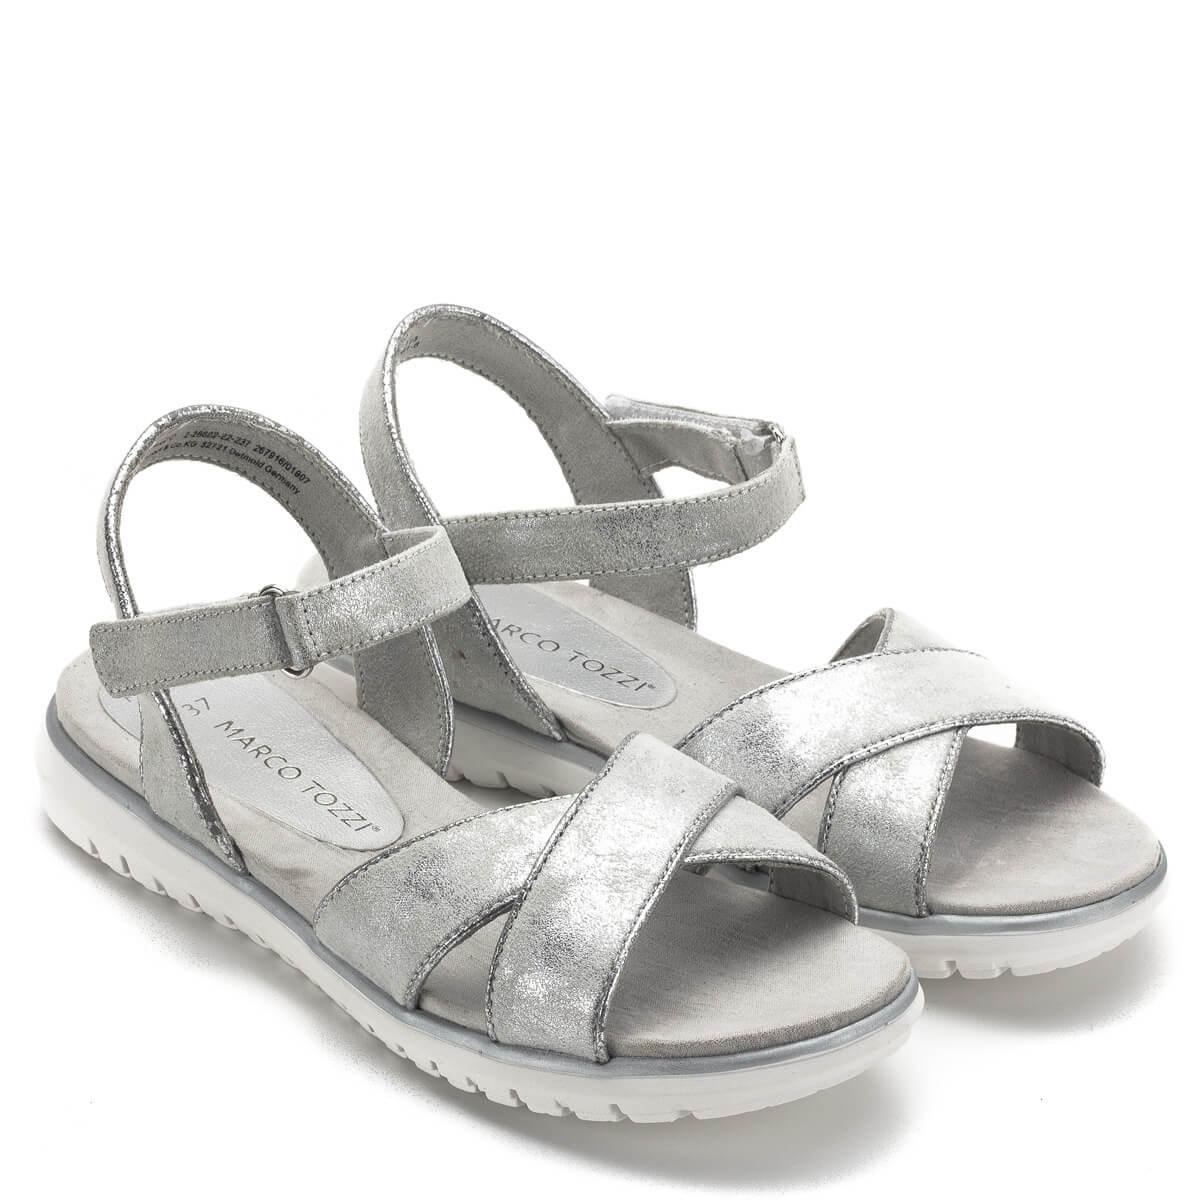 eeafe1e6433a Marco Tozzi online - Cipők, szandálok, csizmák, bokacsizmák rendelése